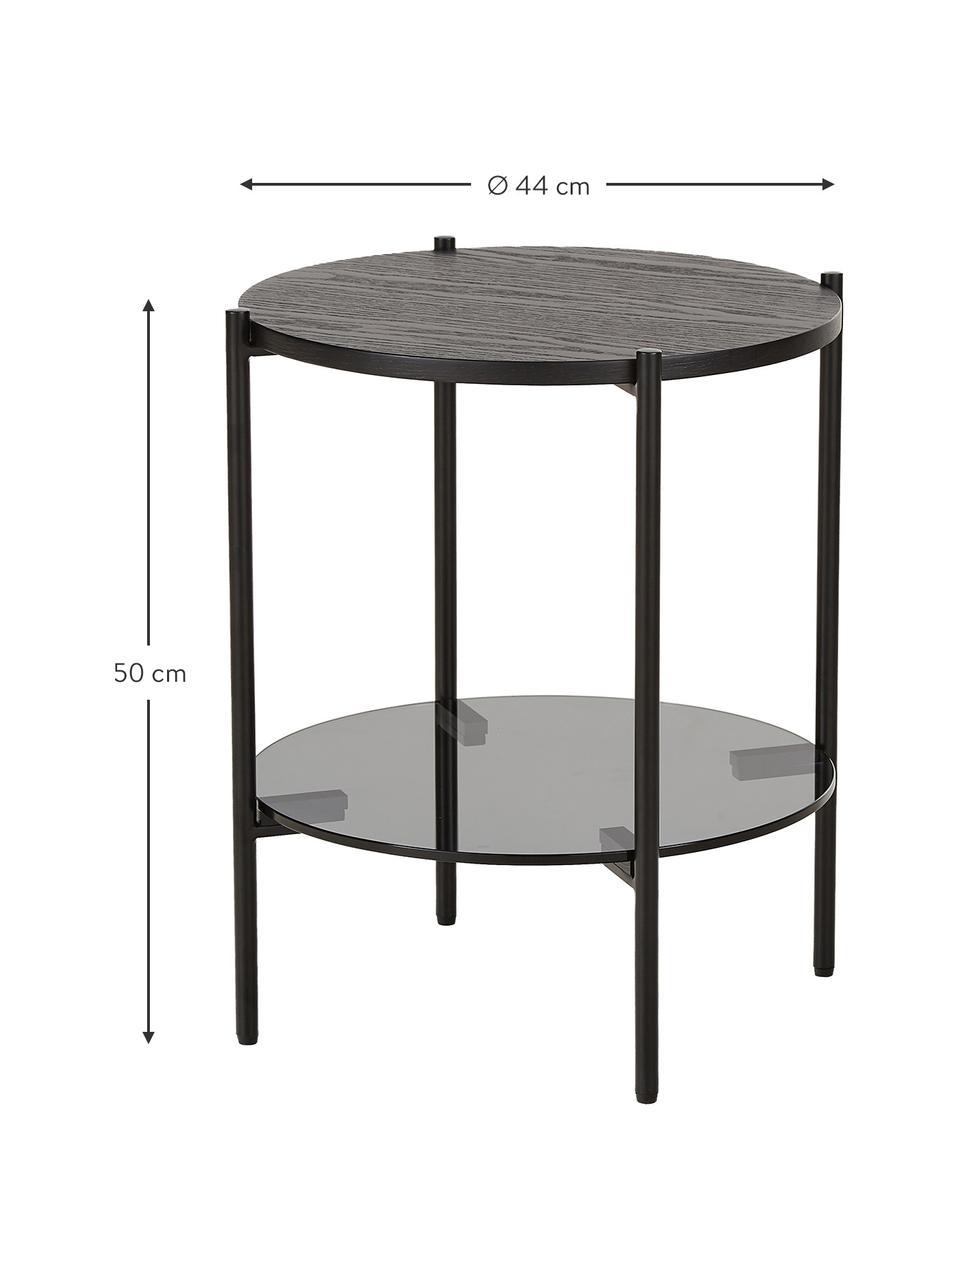 Table d'appoint avec plateau en verre Valentina, Noir